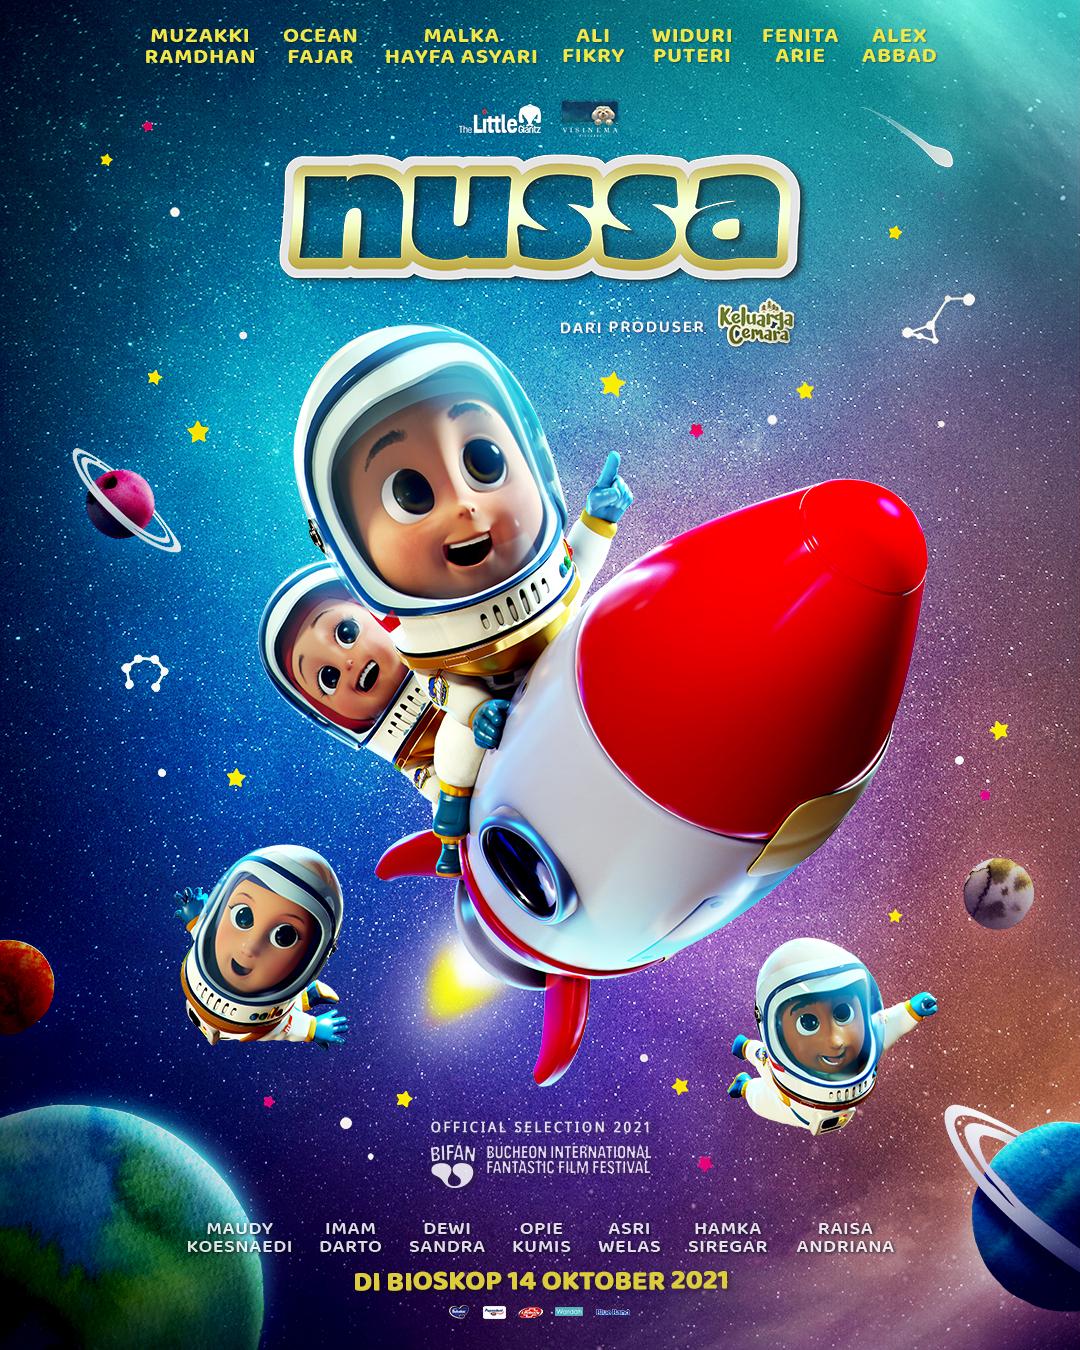 Nussa Tayang di Bioskop 14 Oktober 2021